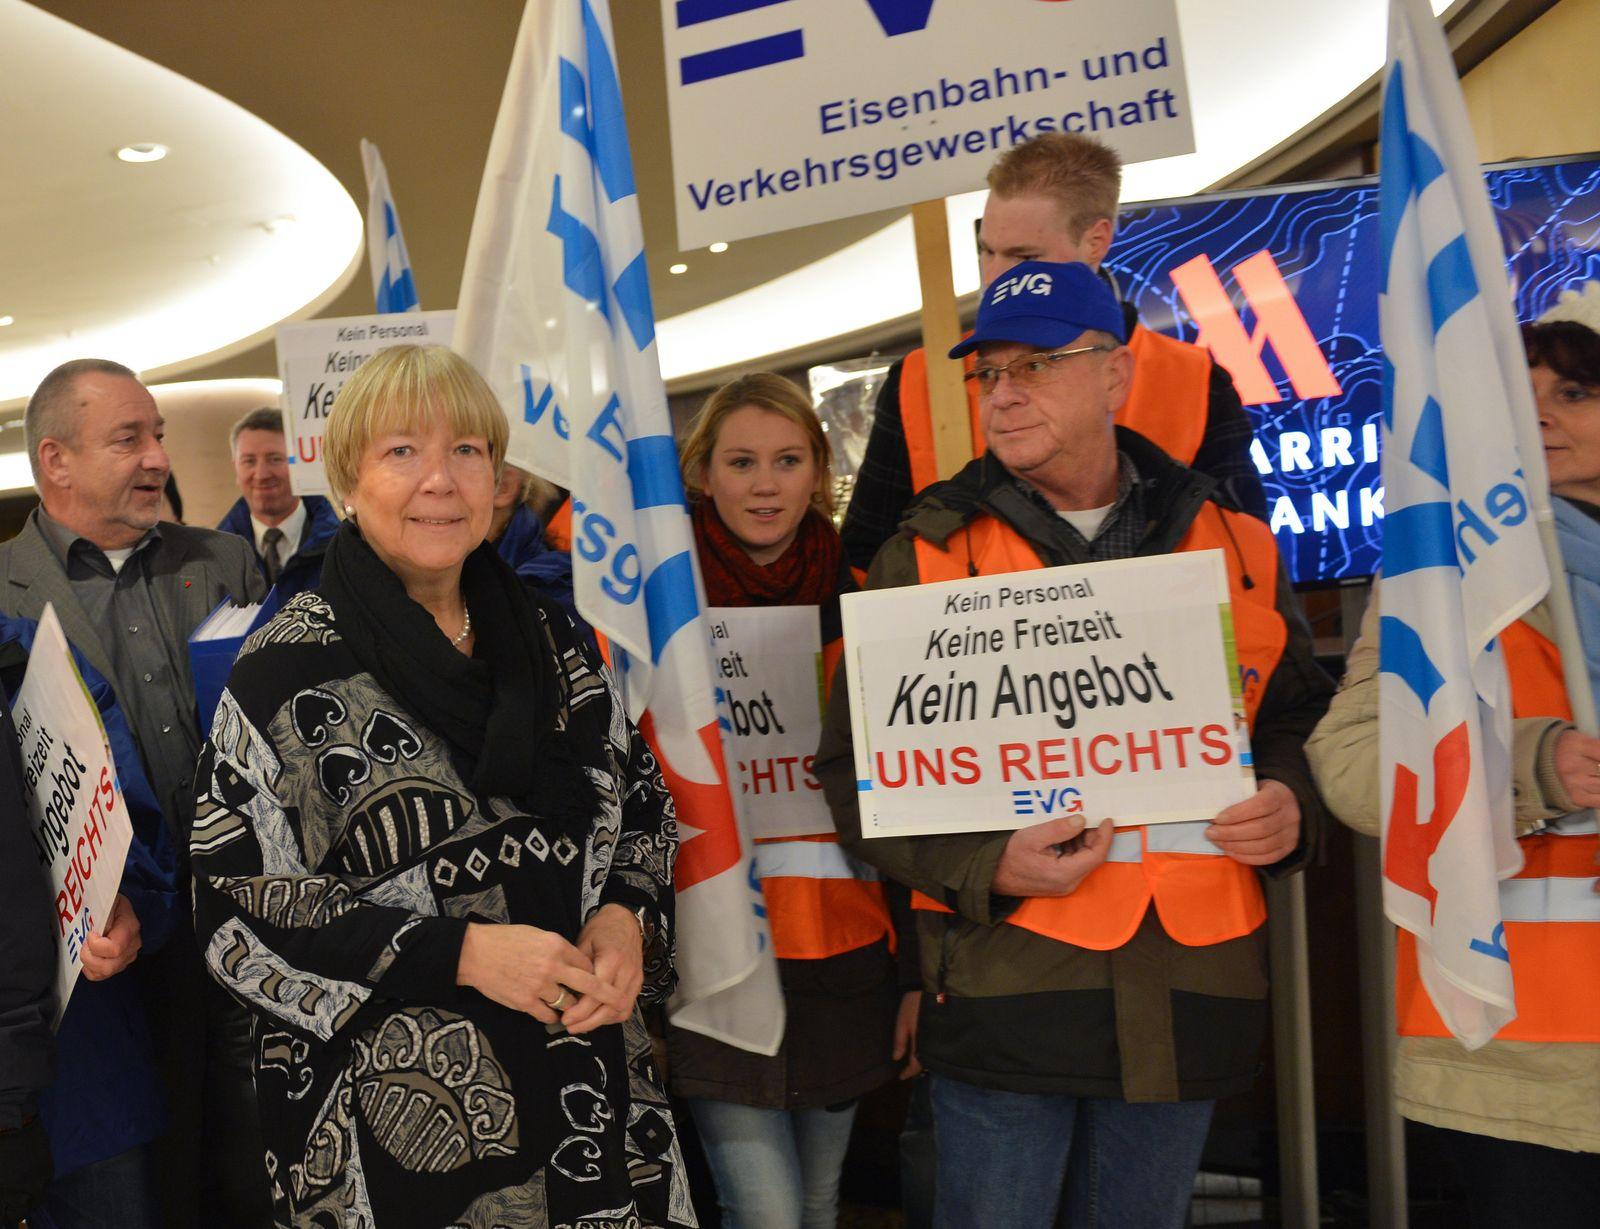 Bahn und EVG verhandeln erneut